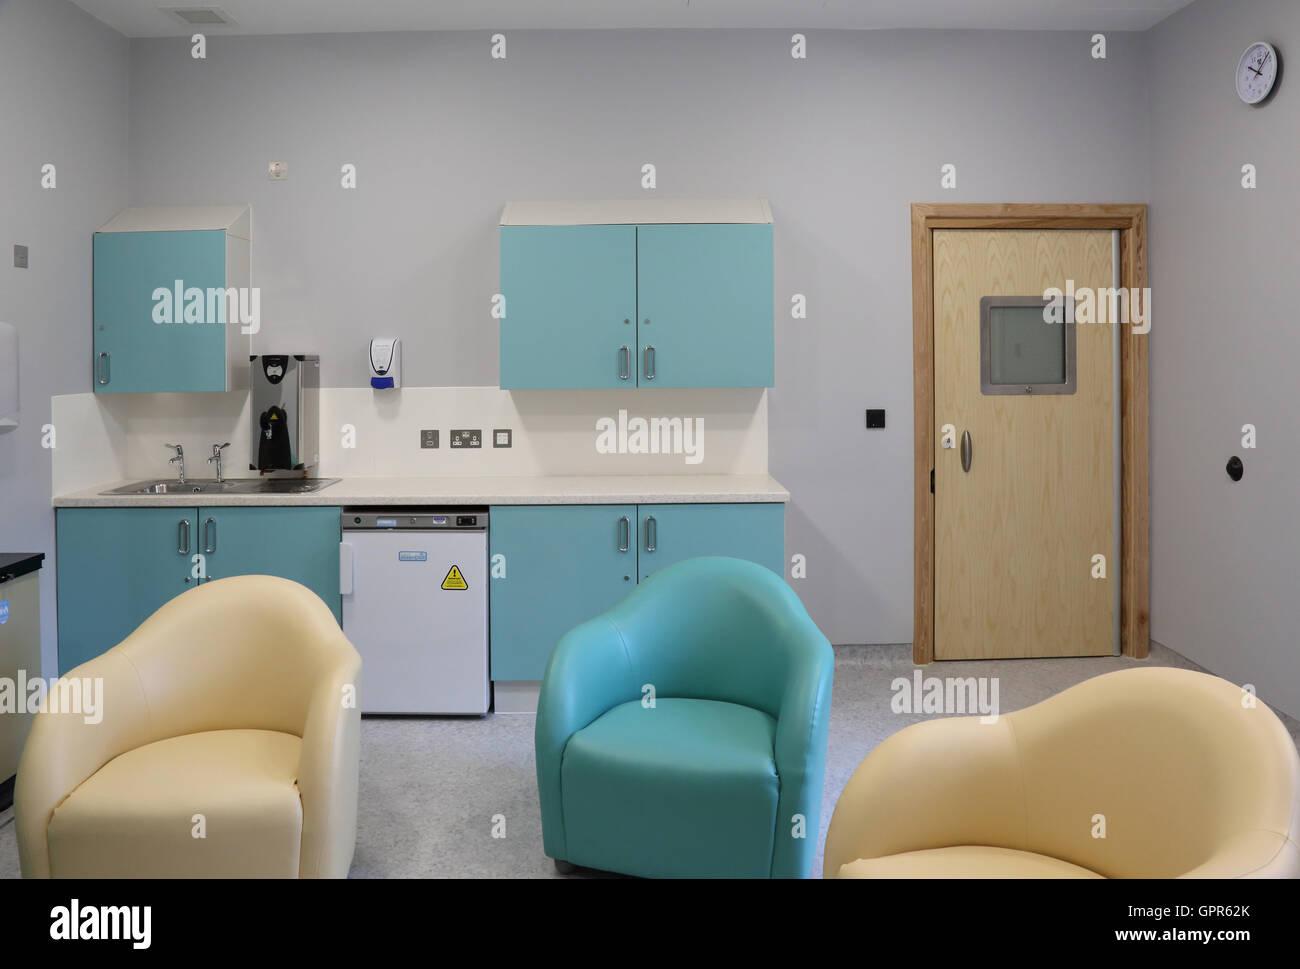 Sprechzimmer in eine neue sichere psychiatrisches Krankenhaus-Einheit - zeigt Spezialist, Möbel- und Türenindustrie Stockbild